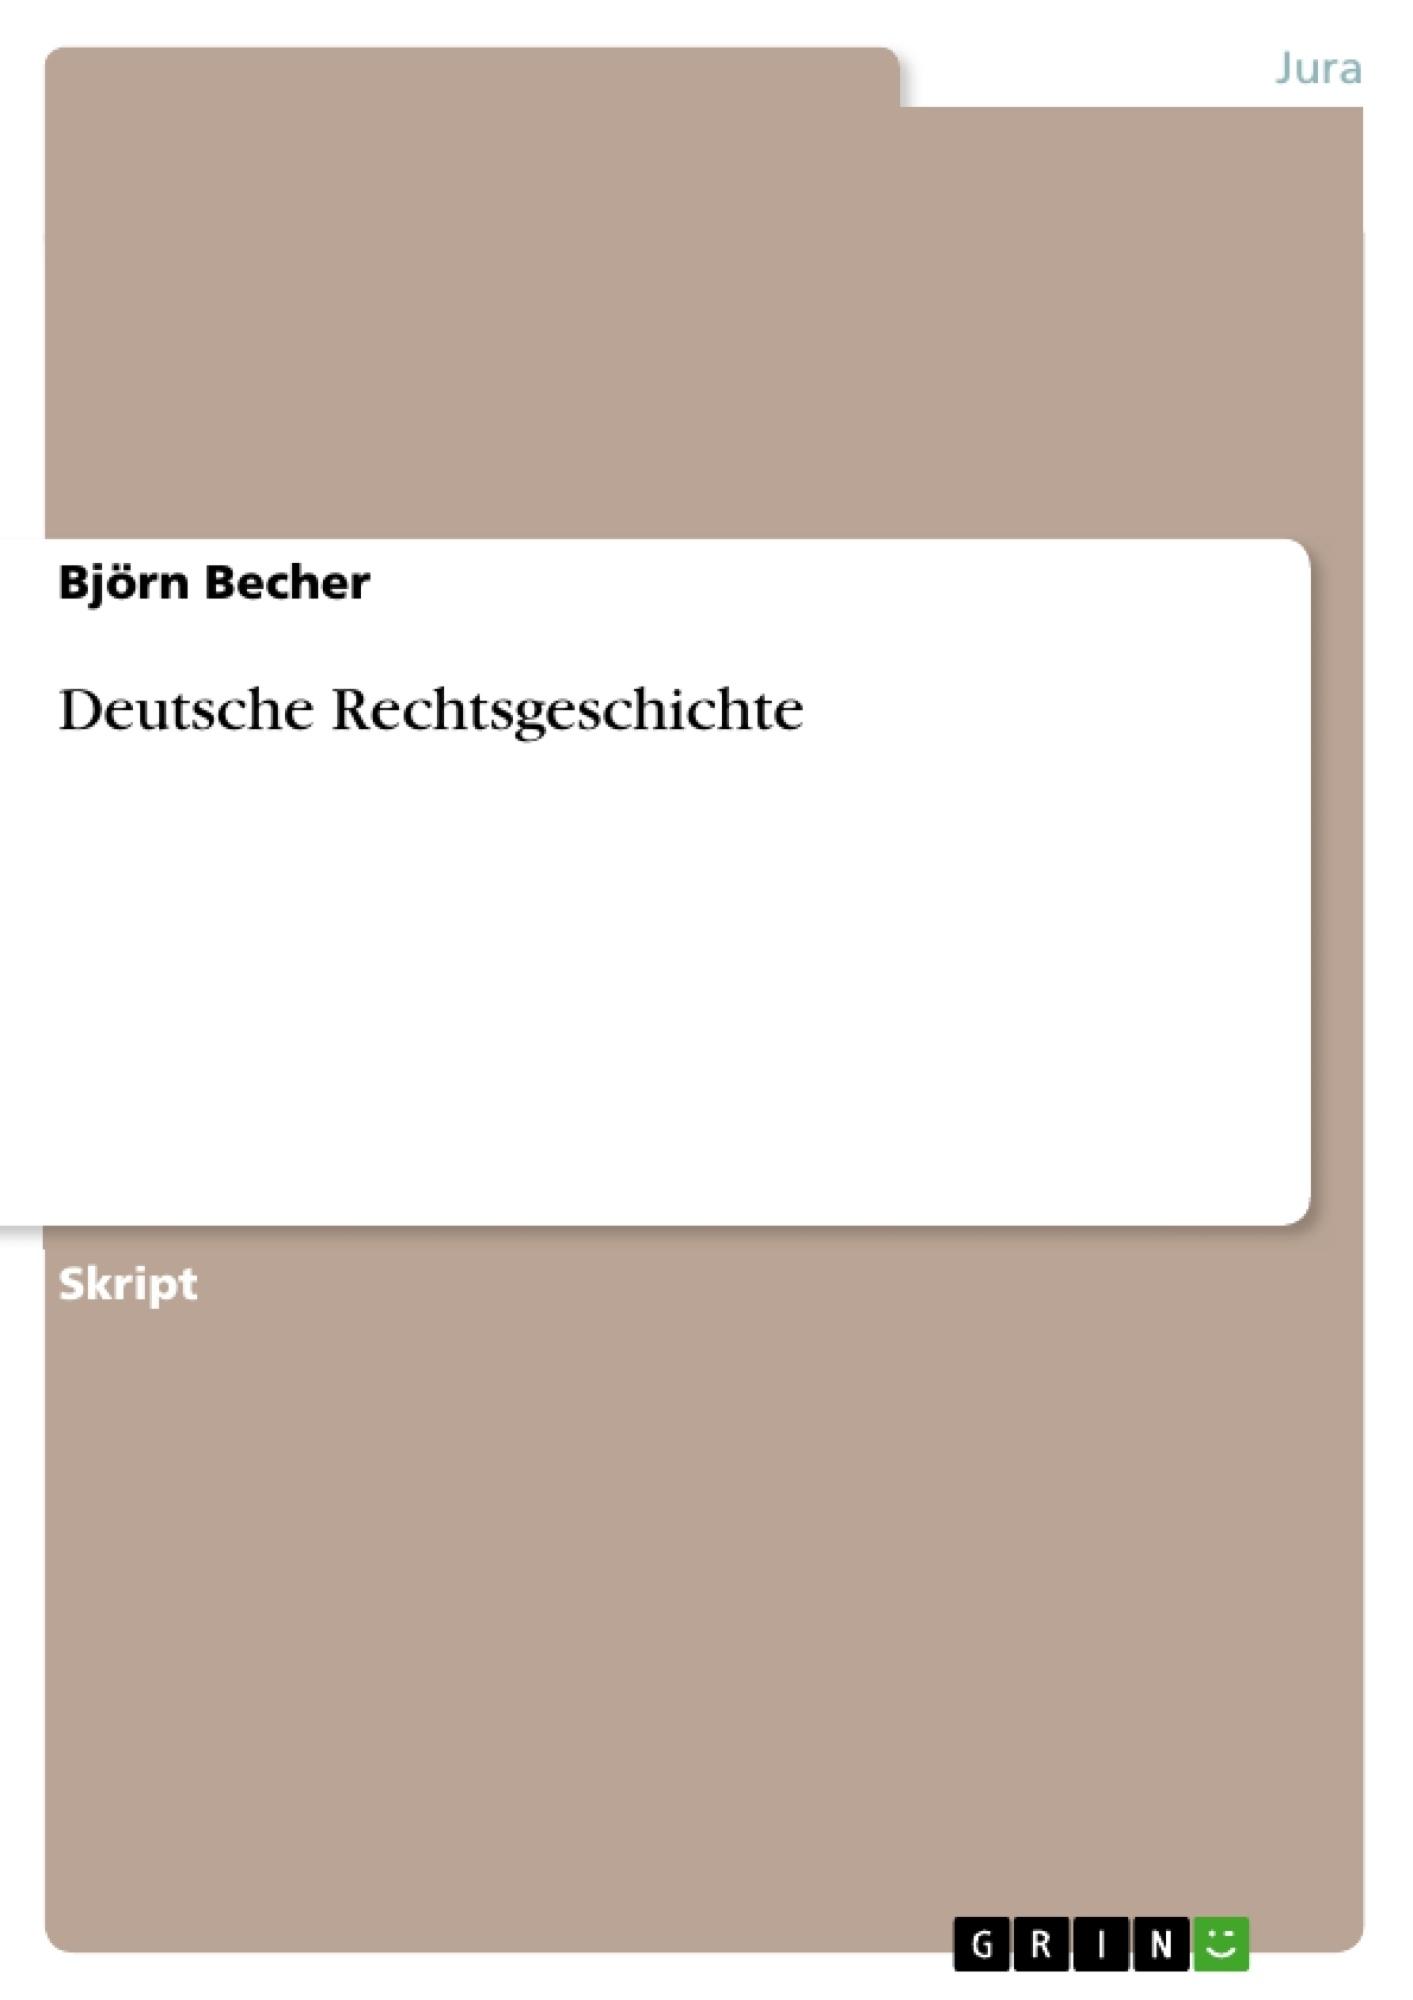 Titel: Deutsche Rechtsgeschichte